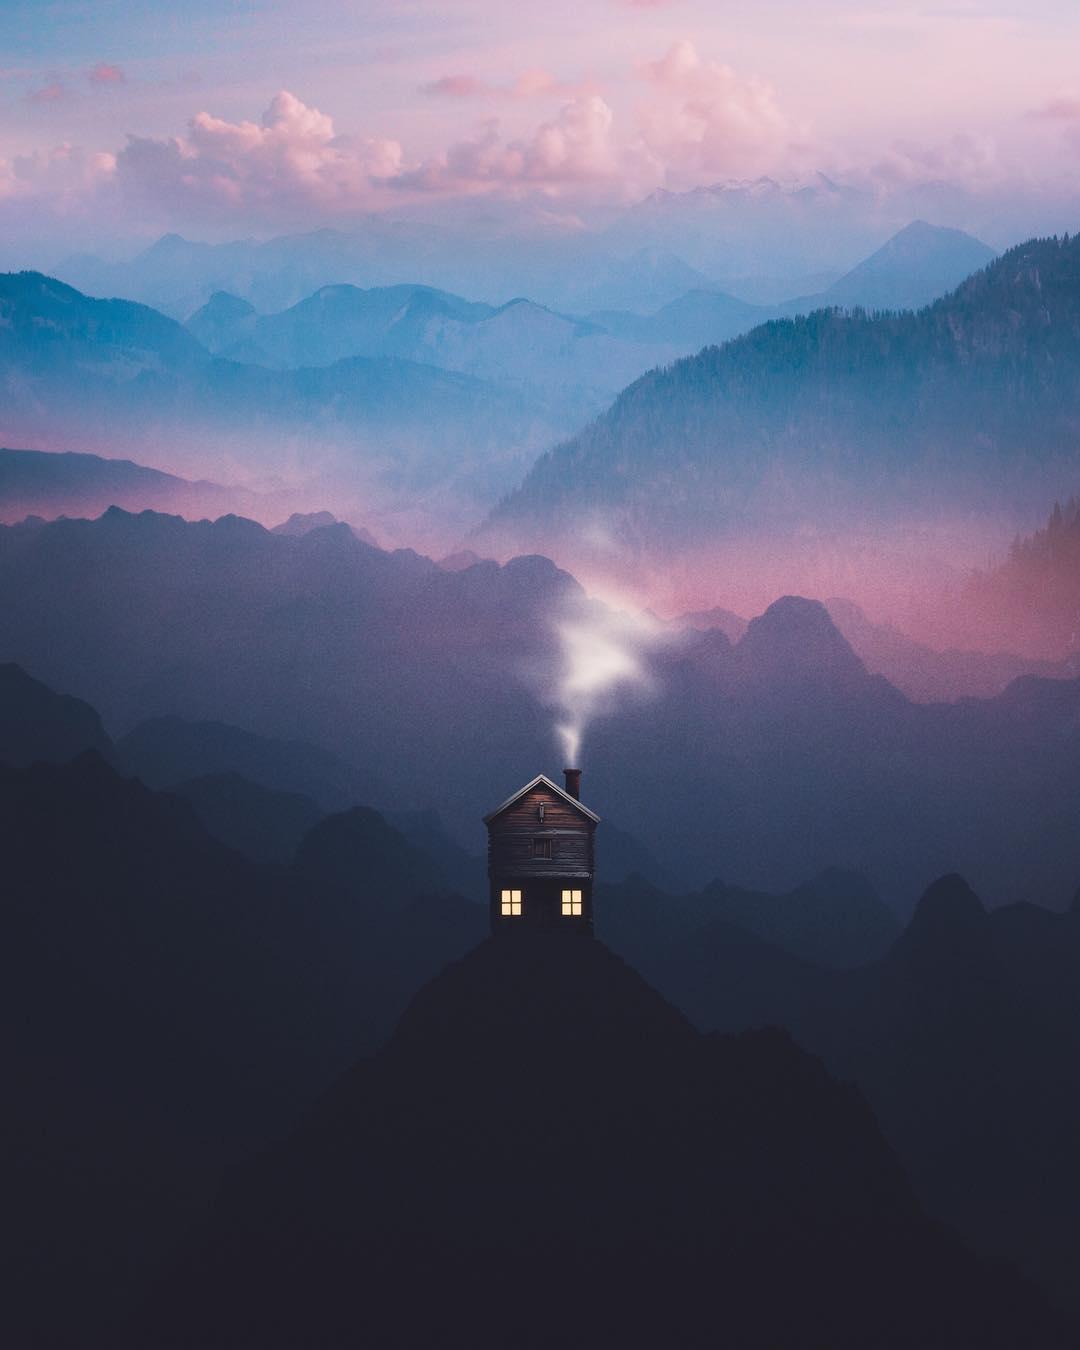 Удивительные фотоманипуляции от Анниса Тиара Утами